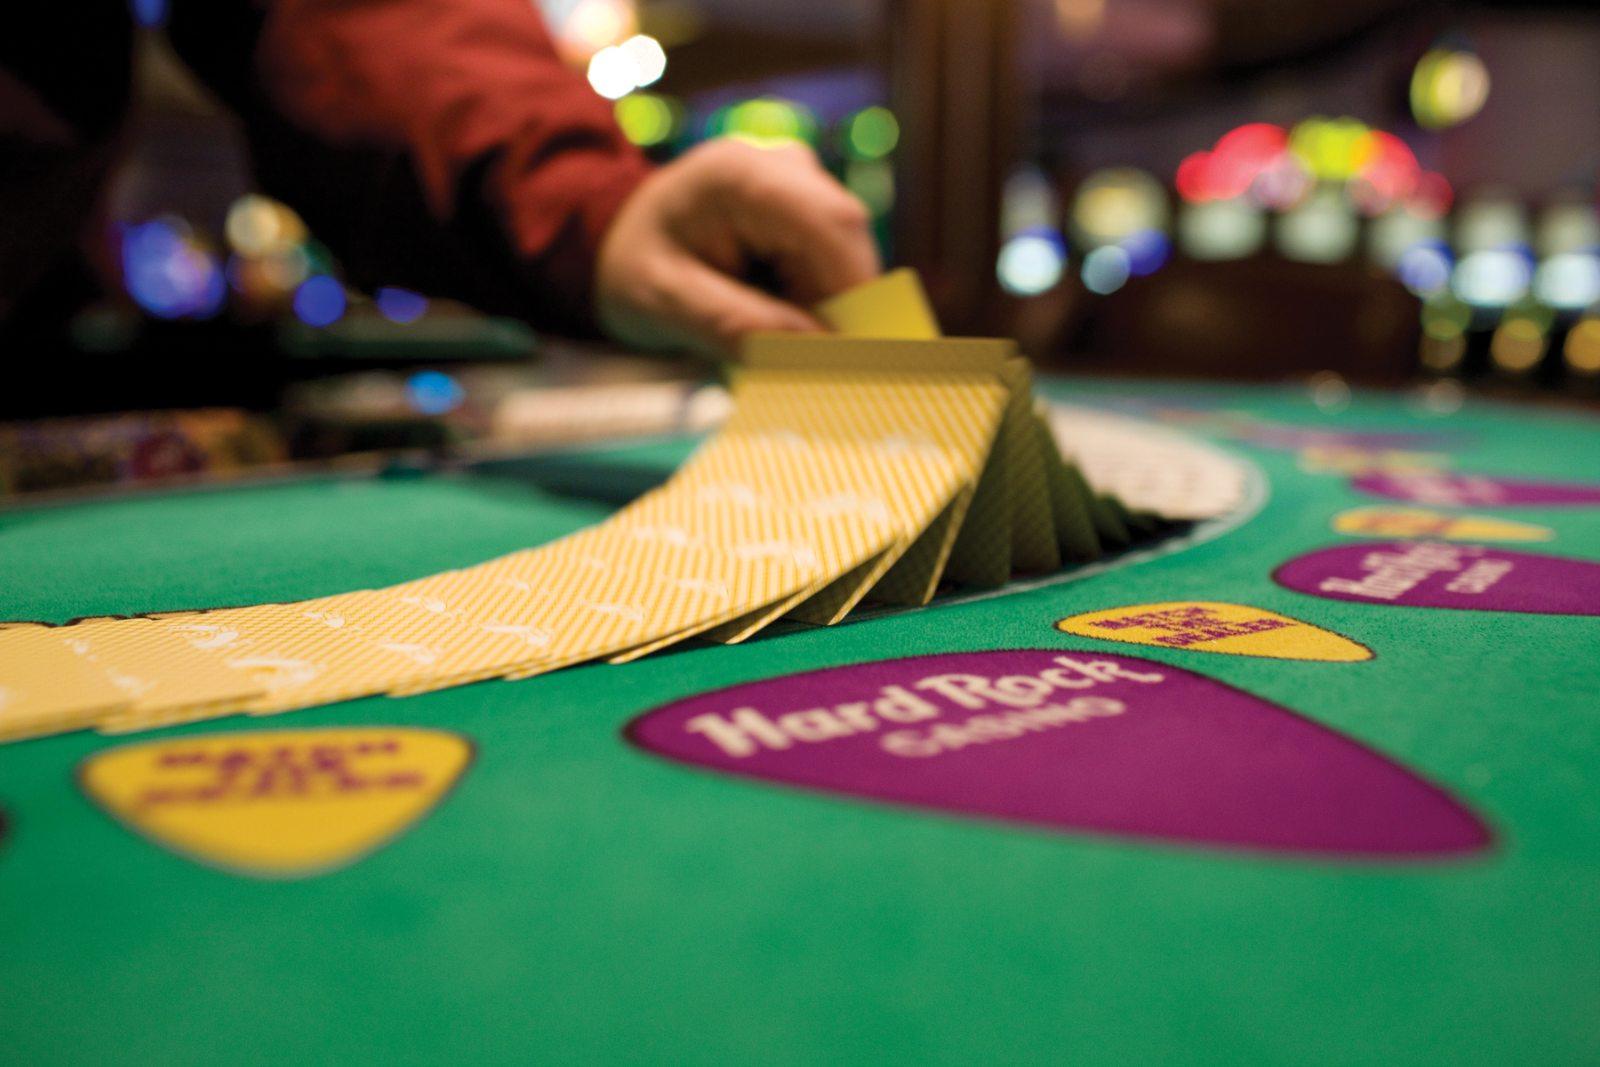 Игровые автоматы одисей играть бесплатно мошенники из онлайн казино